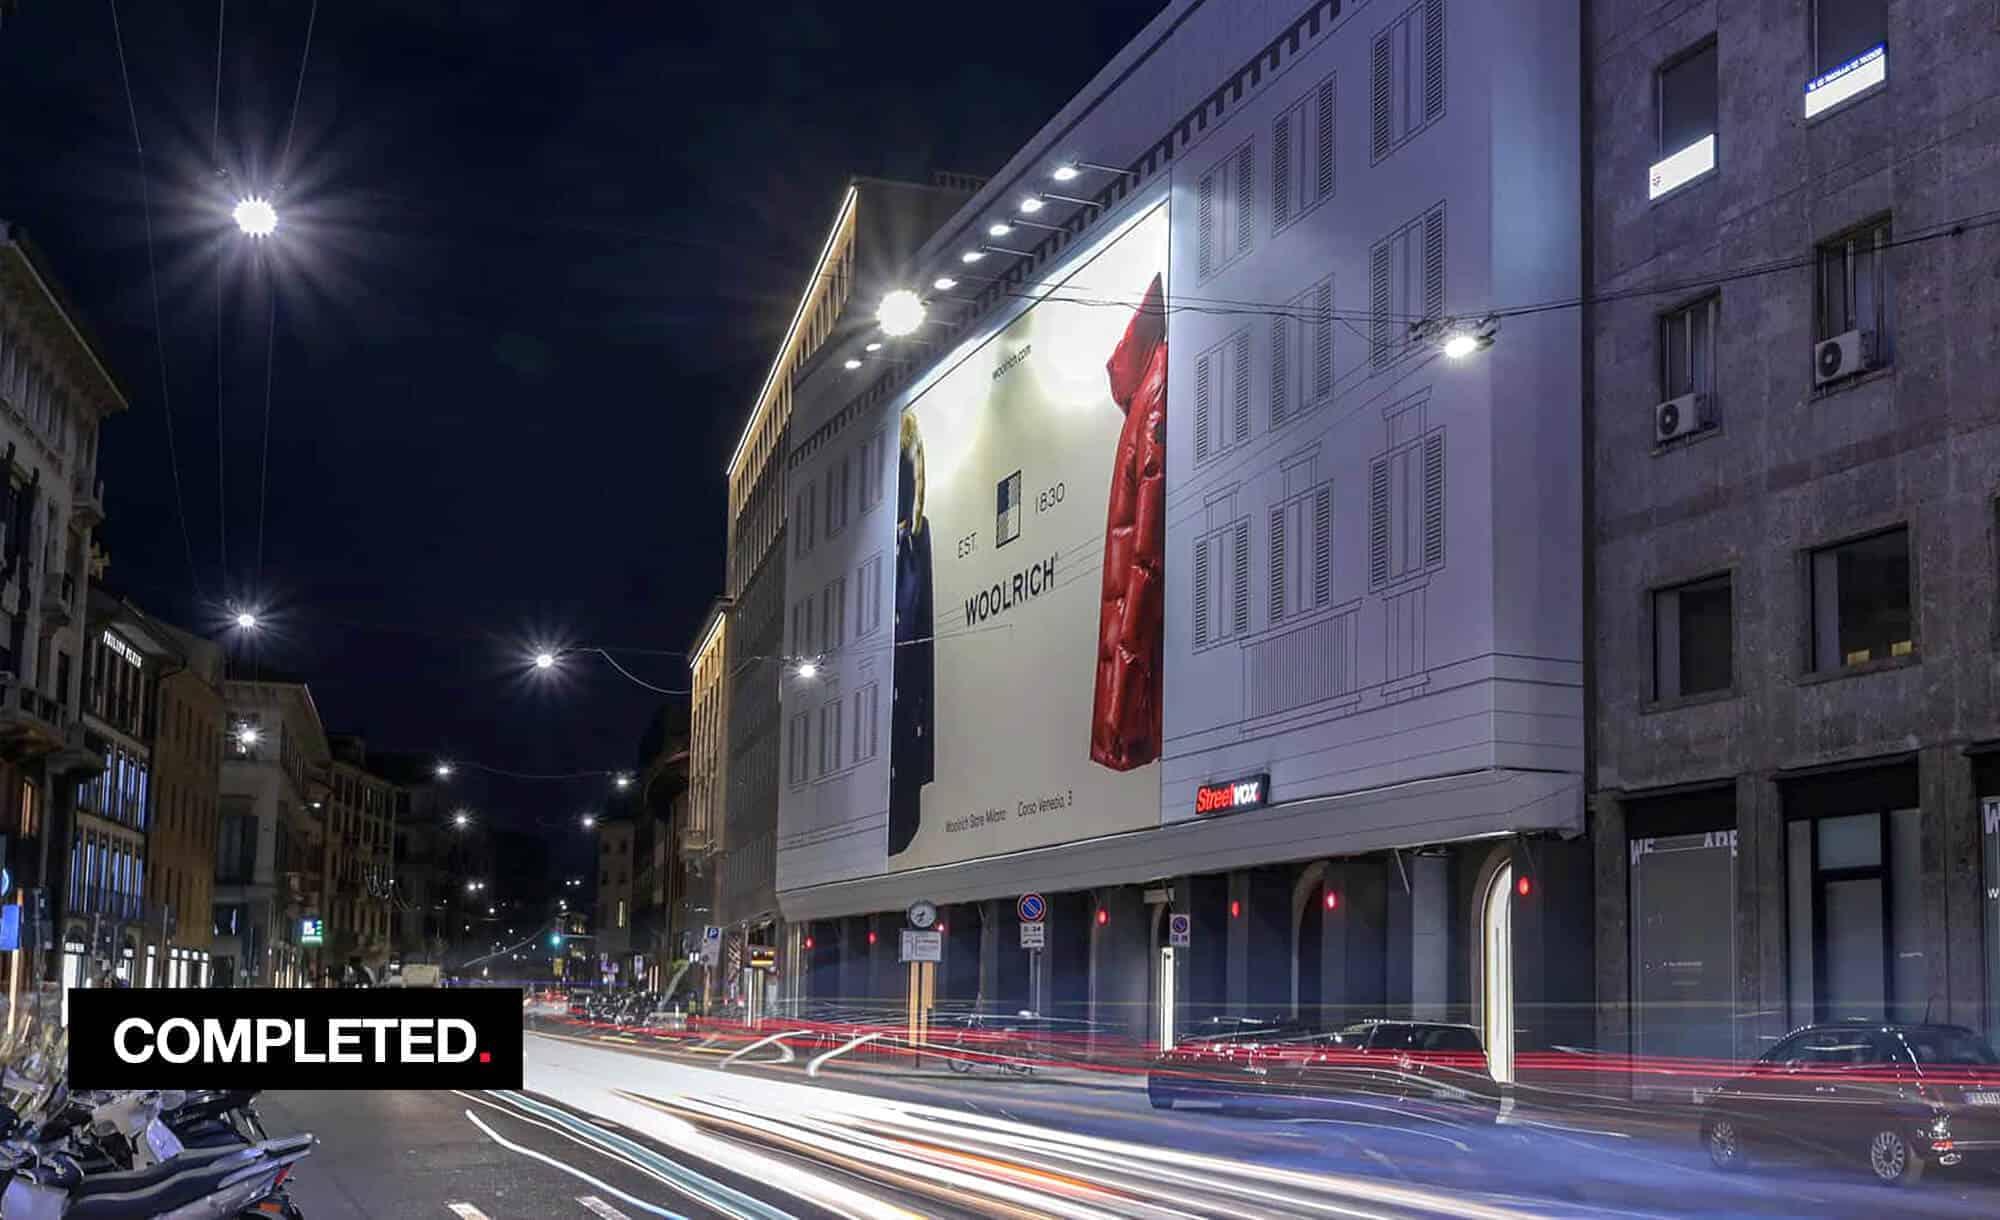 Maxi Affisione a Milano in Via Venezia 6 con Woolrich (Fashion)